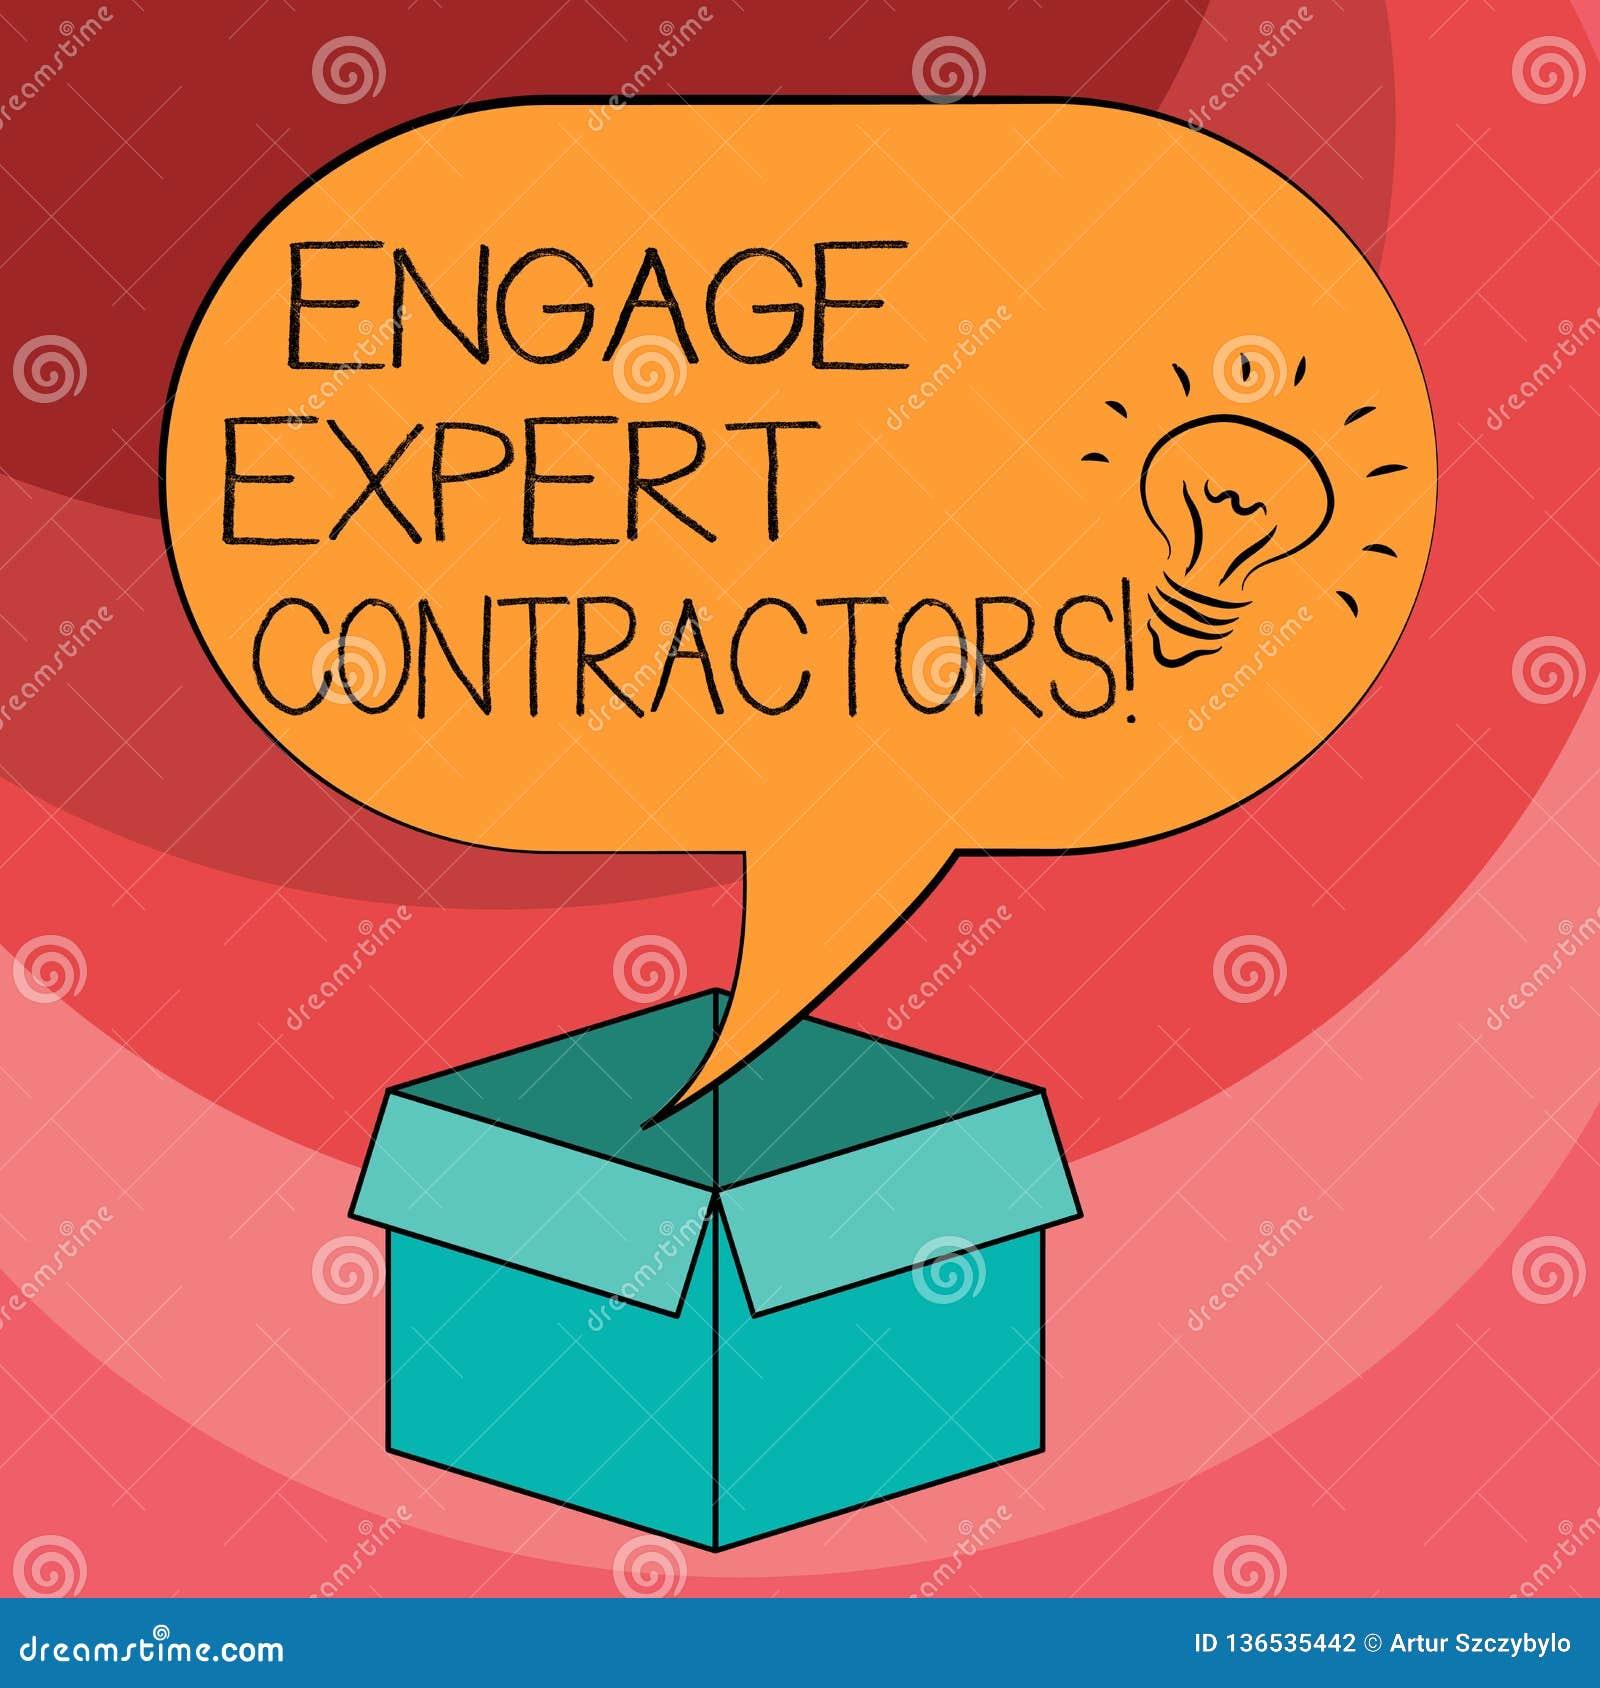 文本标志陈列允诺专家的承包商 概念性照片聘用的熟练的outworkers短时间运作想法象里面